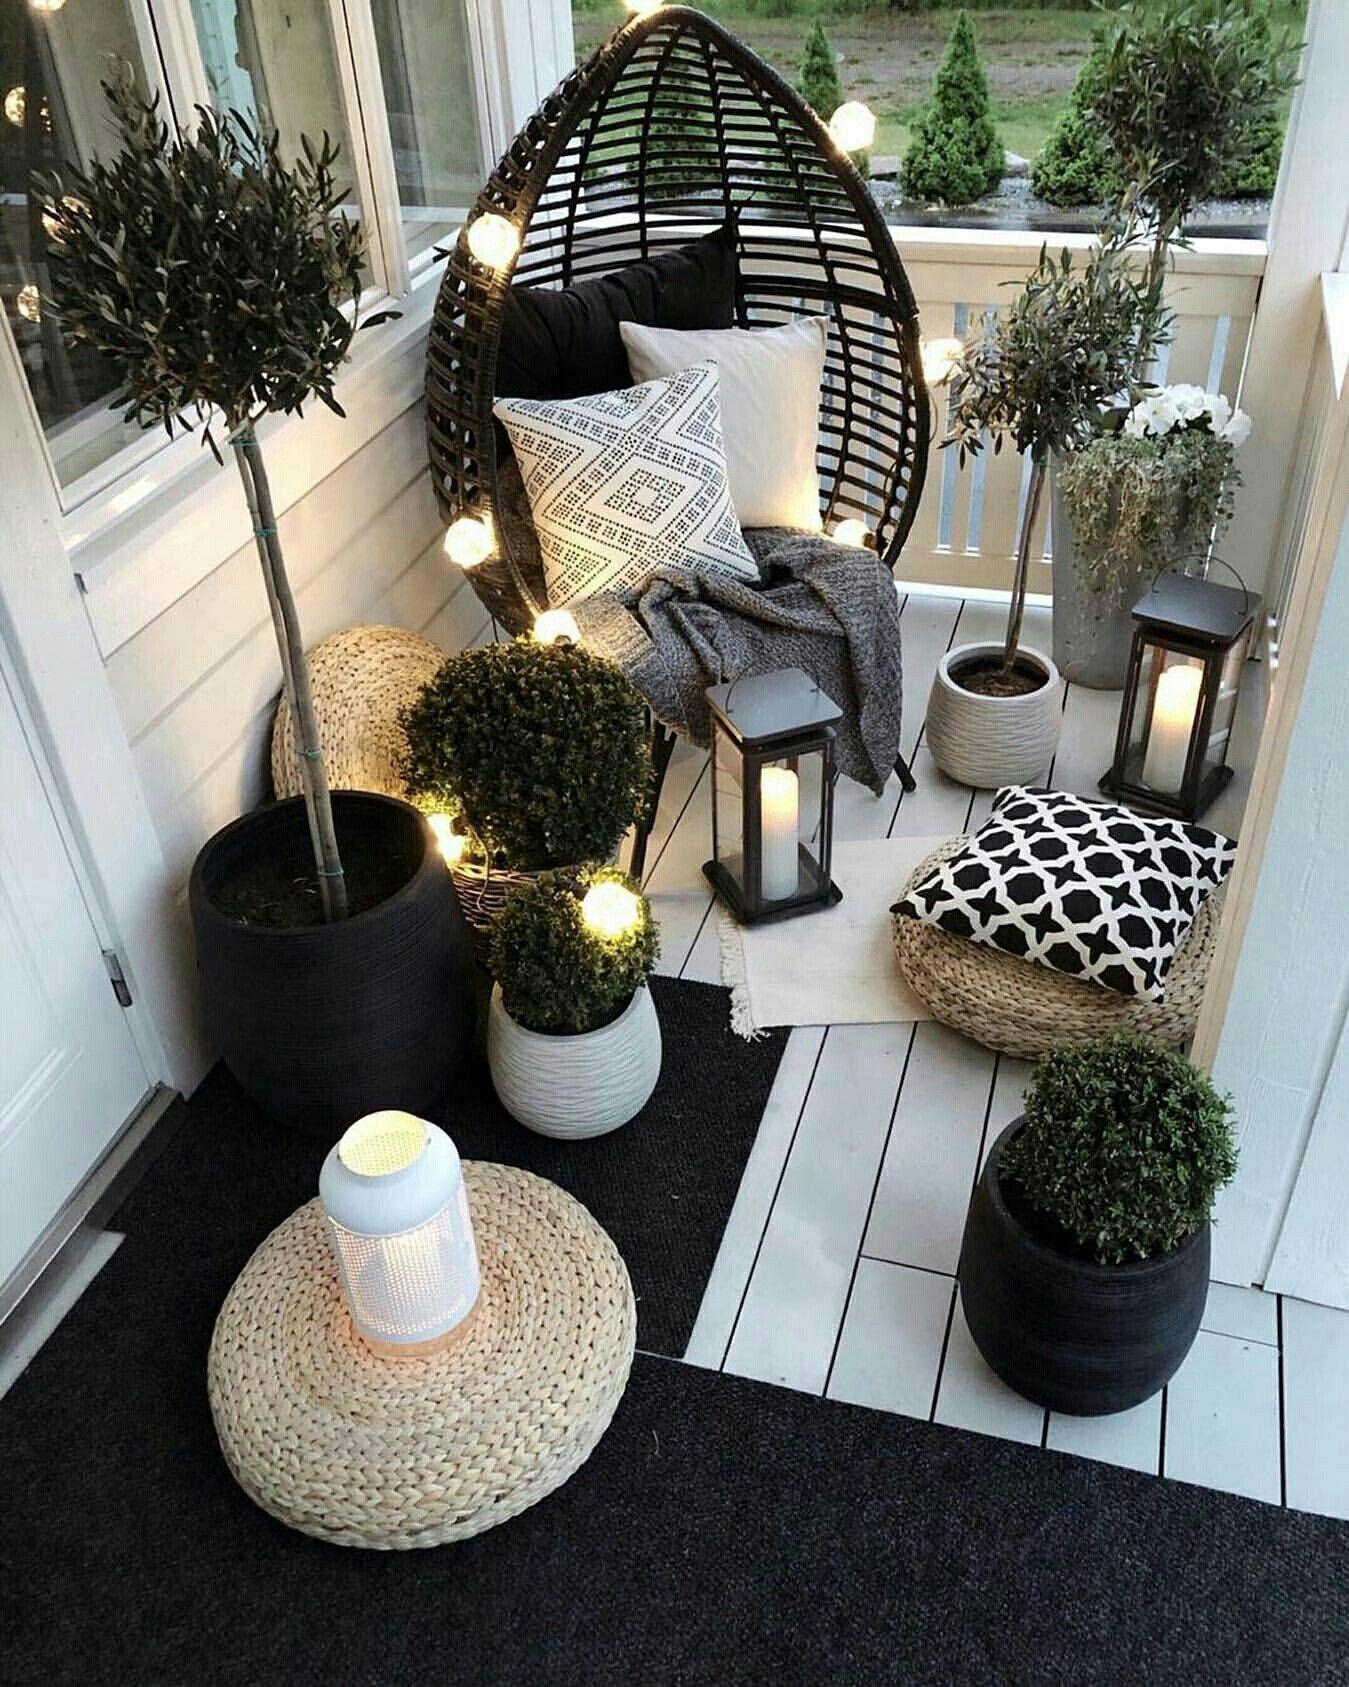 Bật mí những cách trang trí nhà chung cư đẹp, ấn tượng  - Ảnh 30.